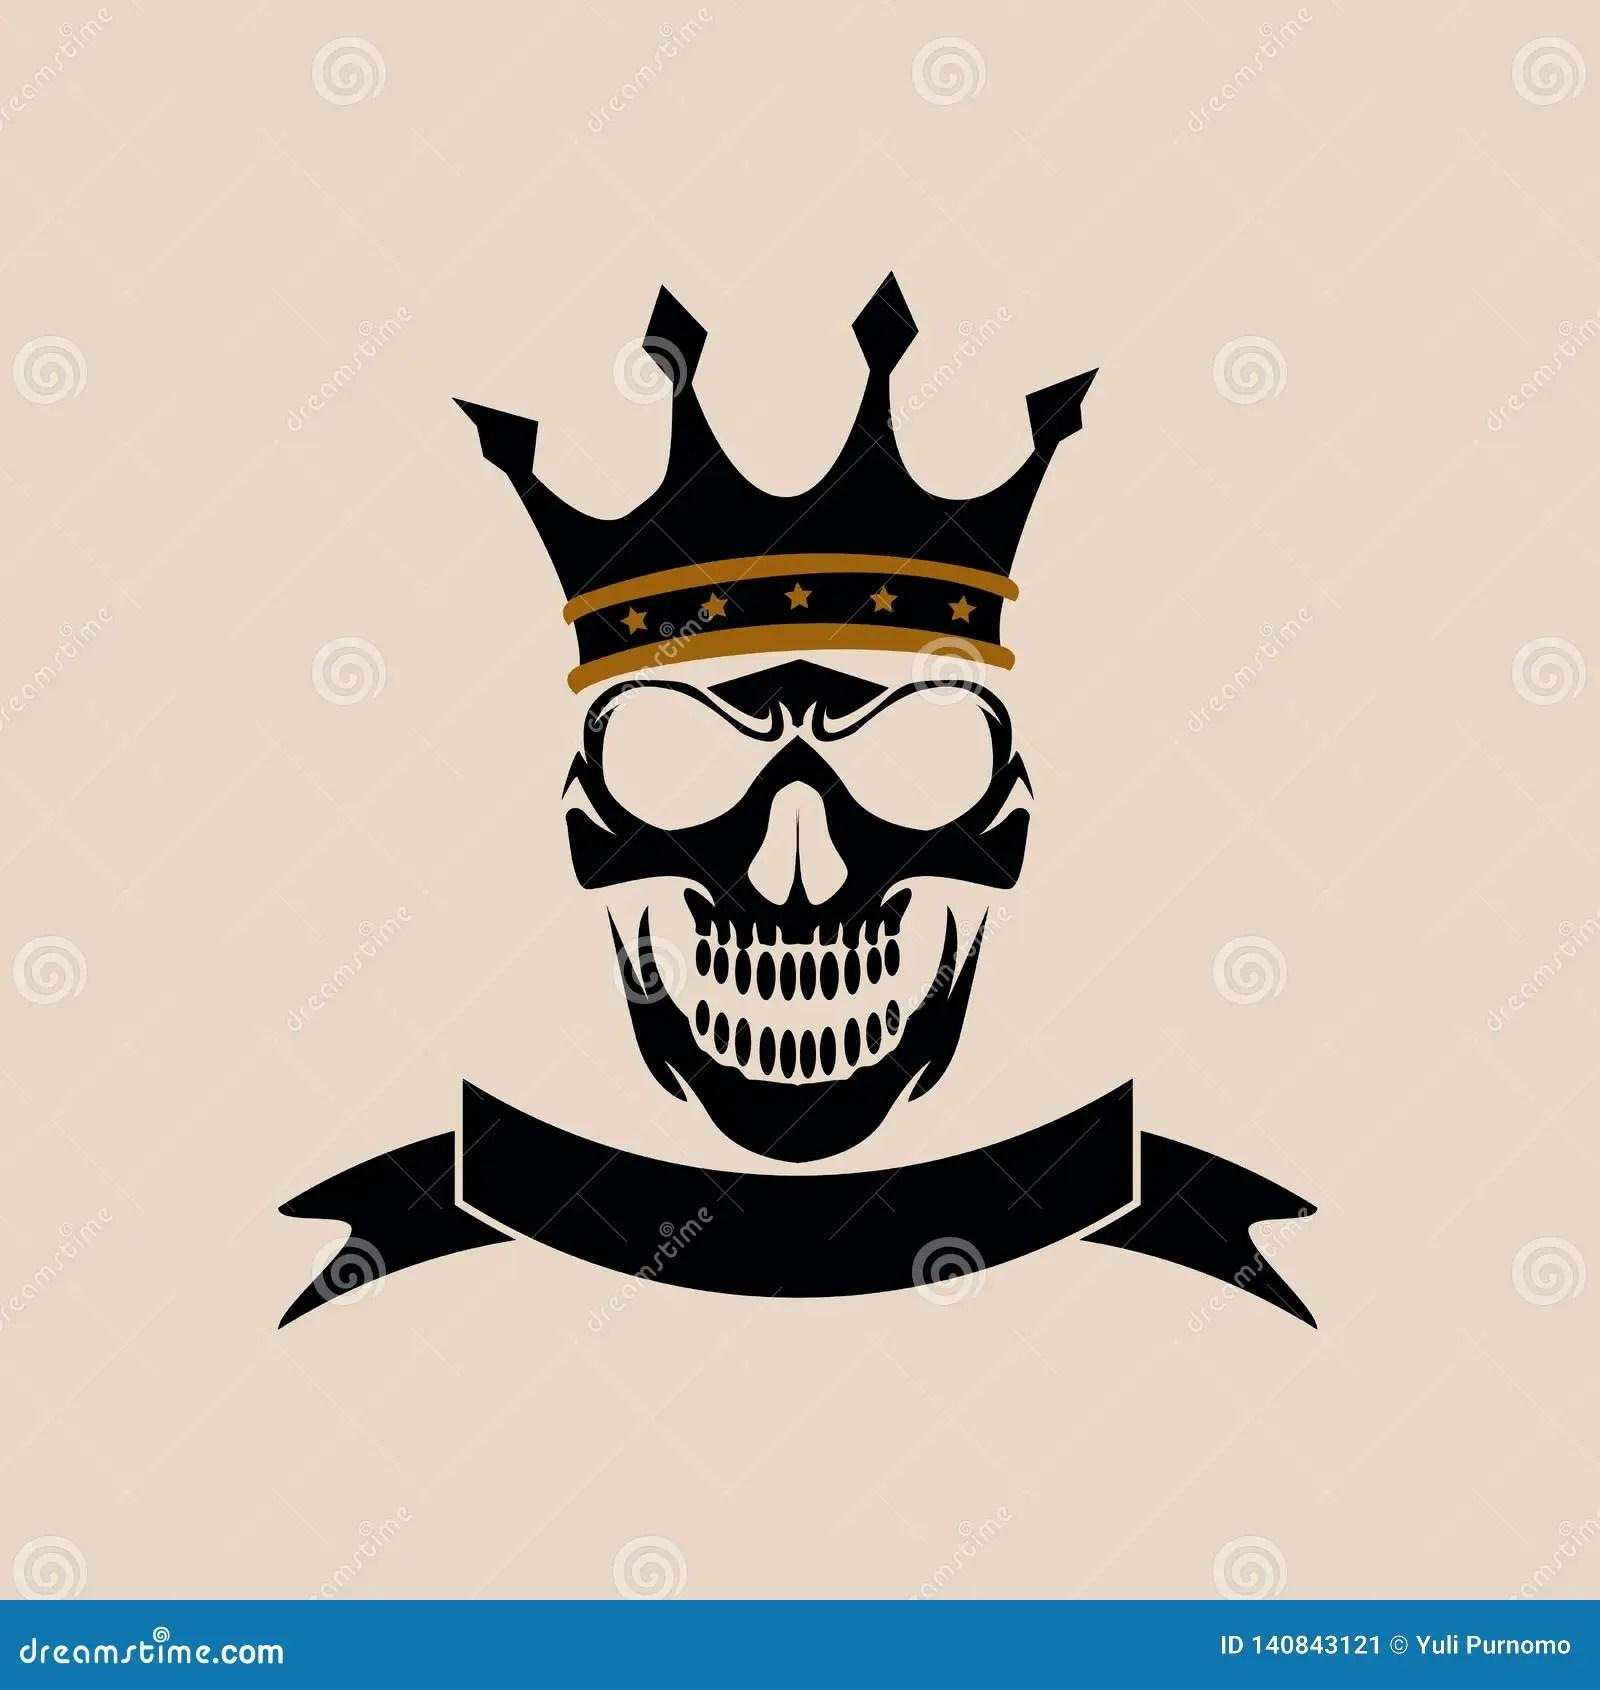 skull logo design template